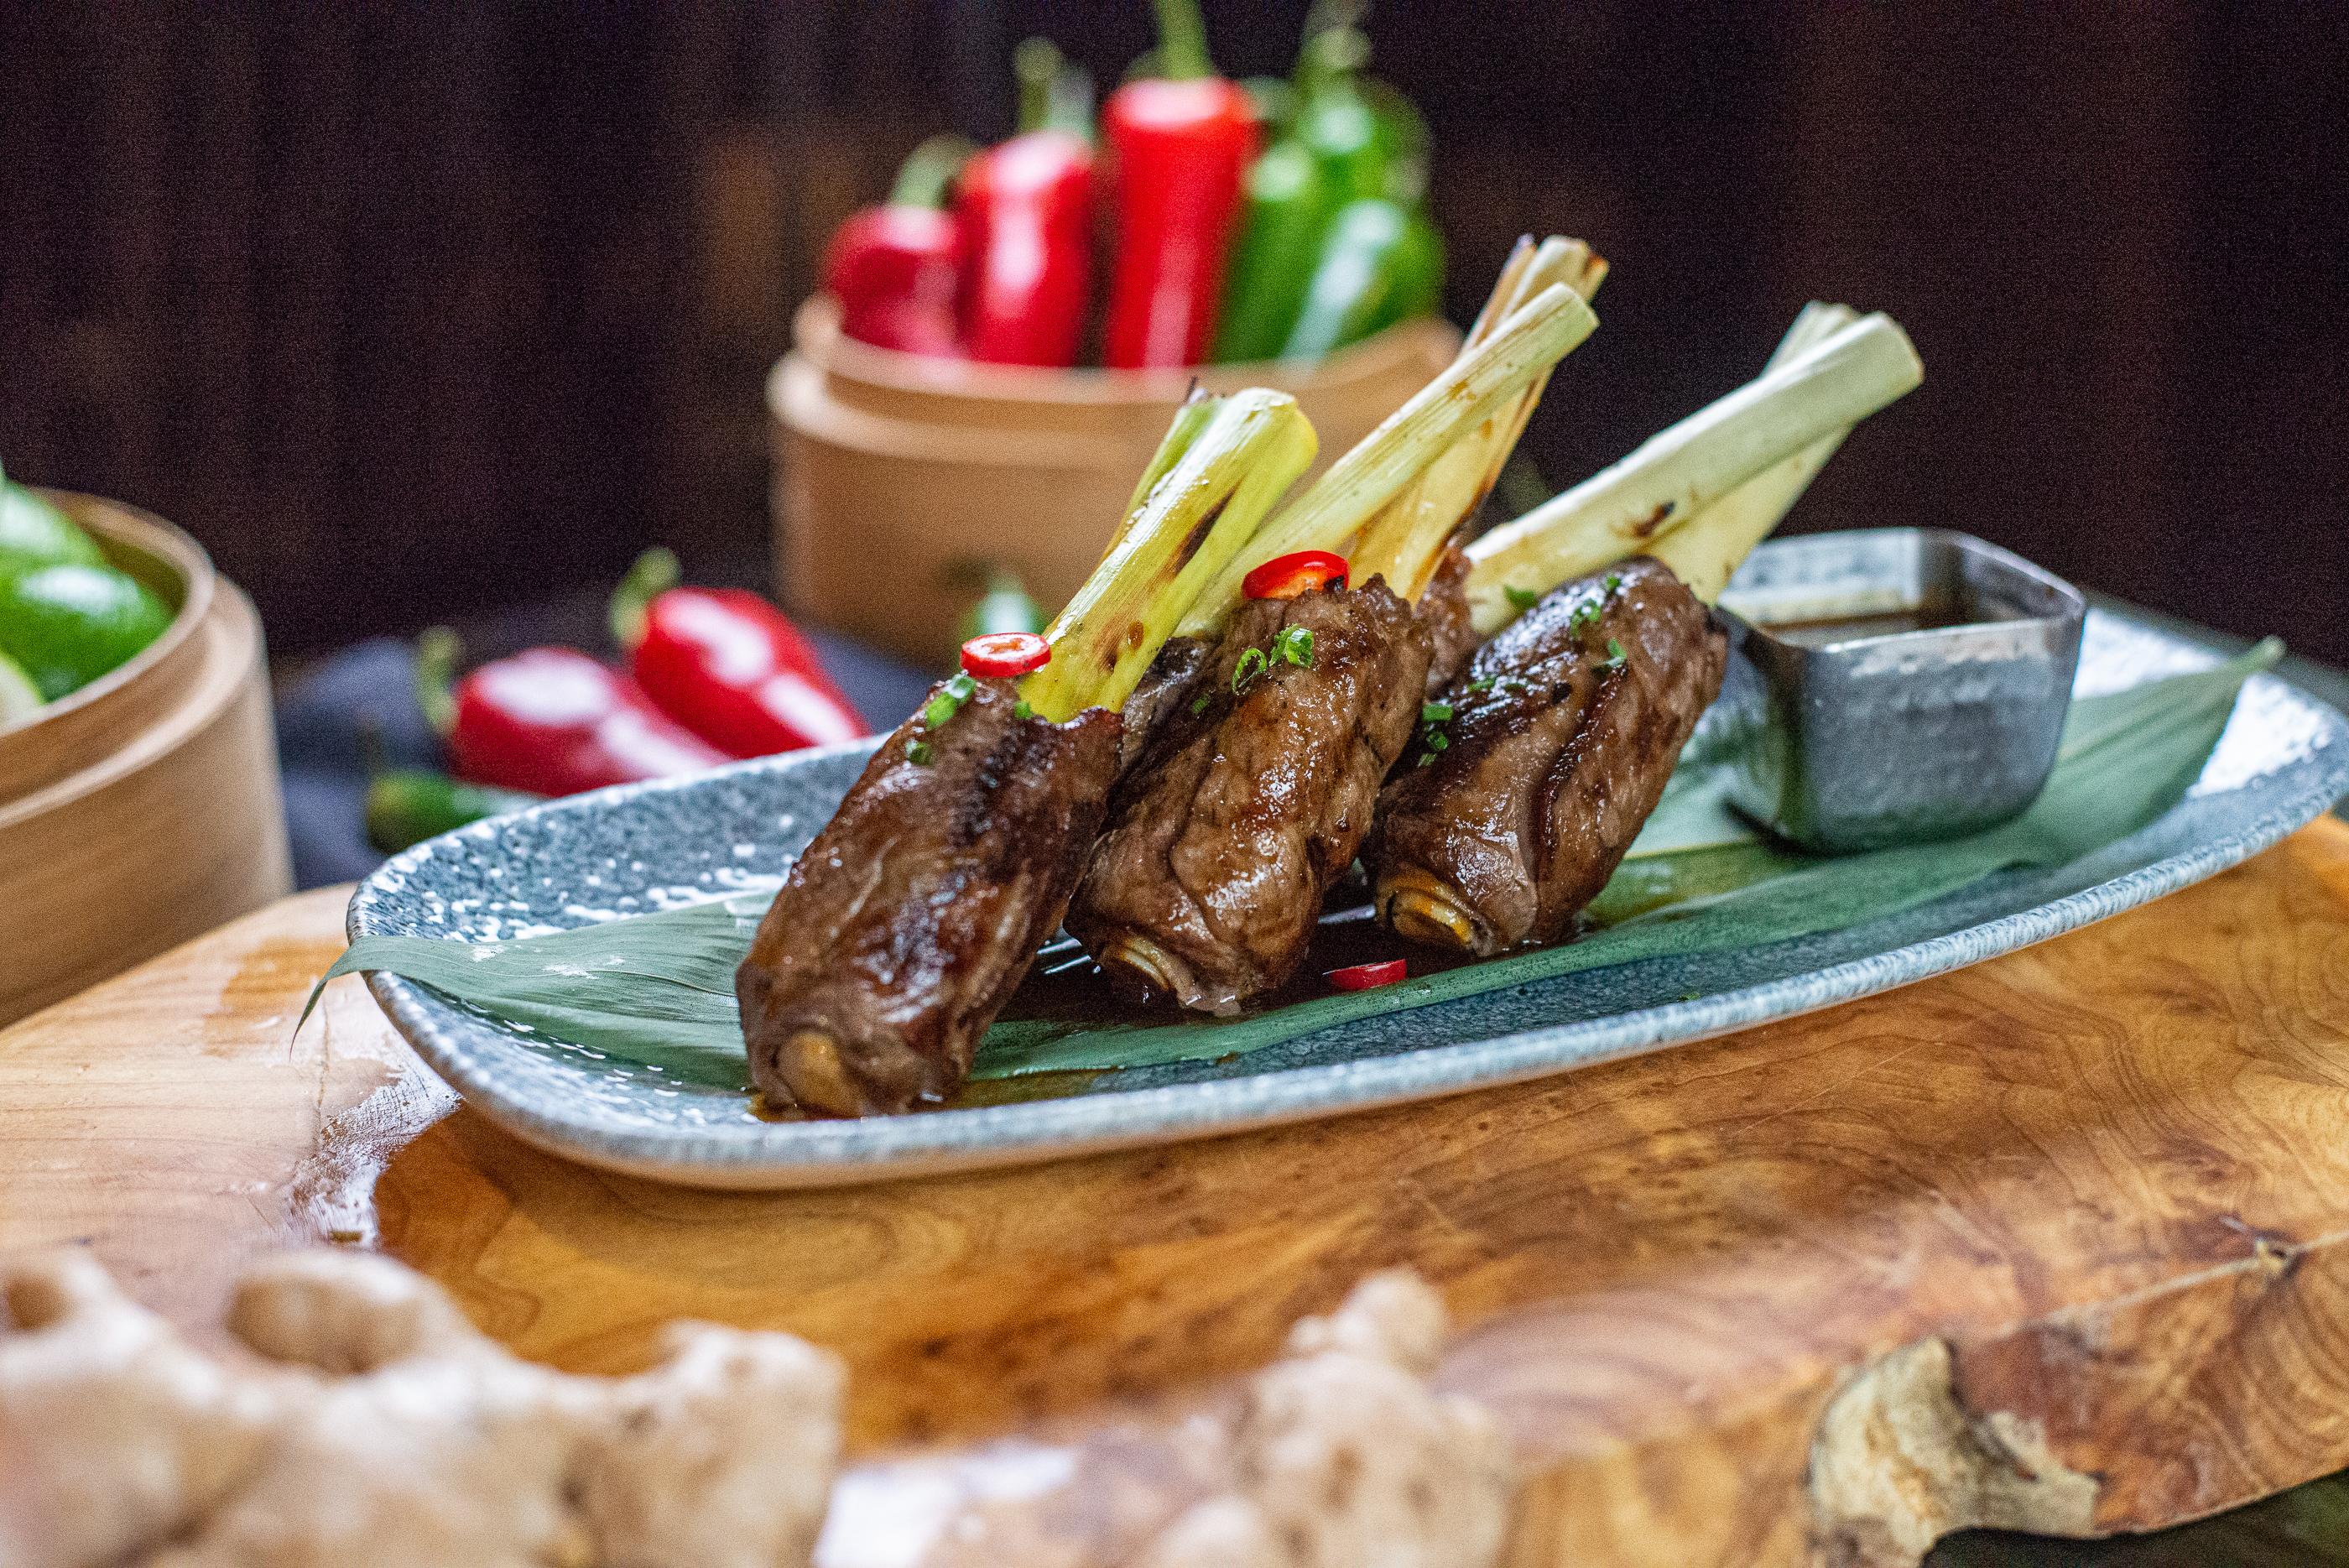 A plate holds three lemongrass beef lollipops